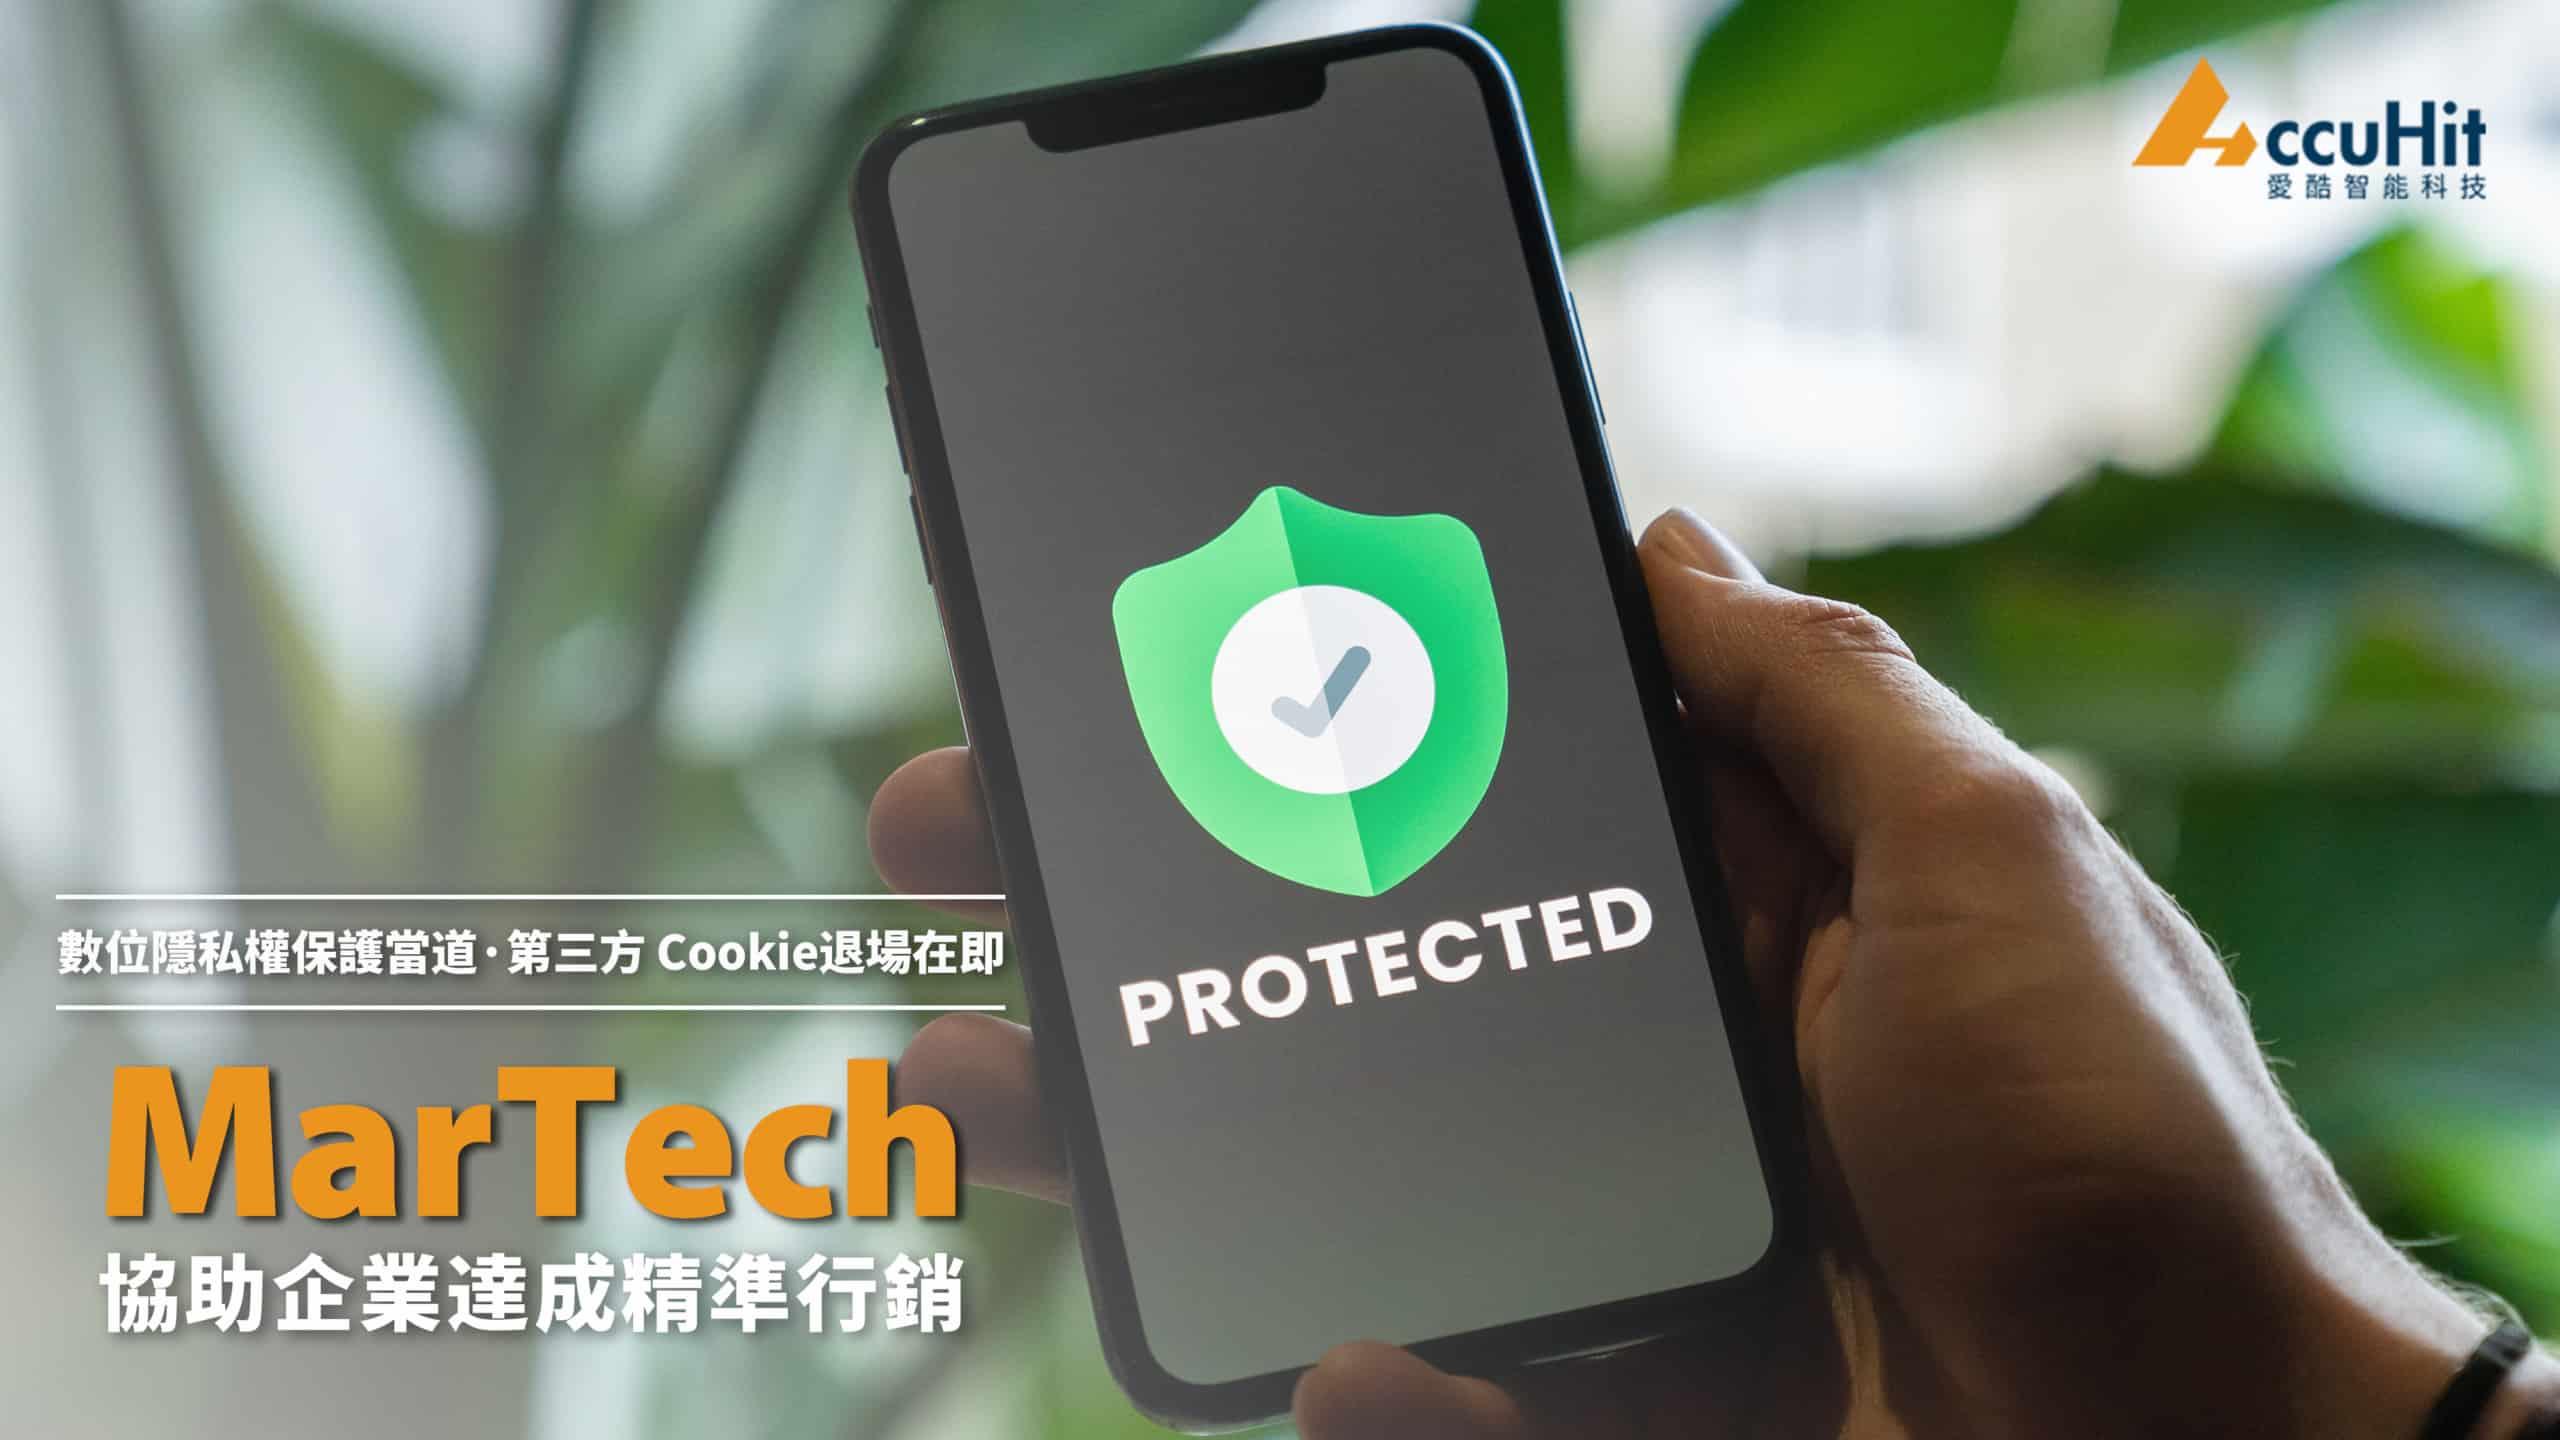 數位隱私權保護當道,第三方-Cookie-退場在即,MarTech-協助企業達成精準行銷